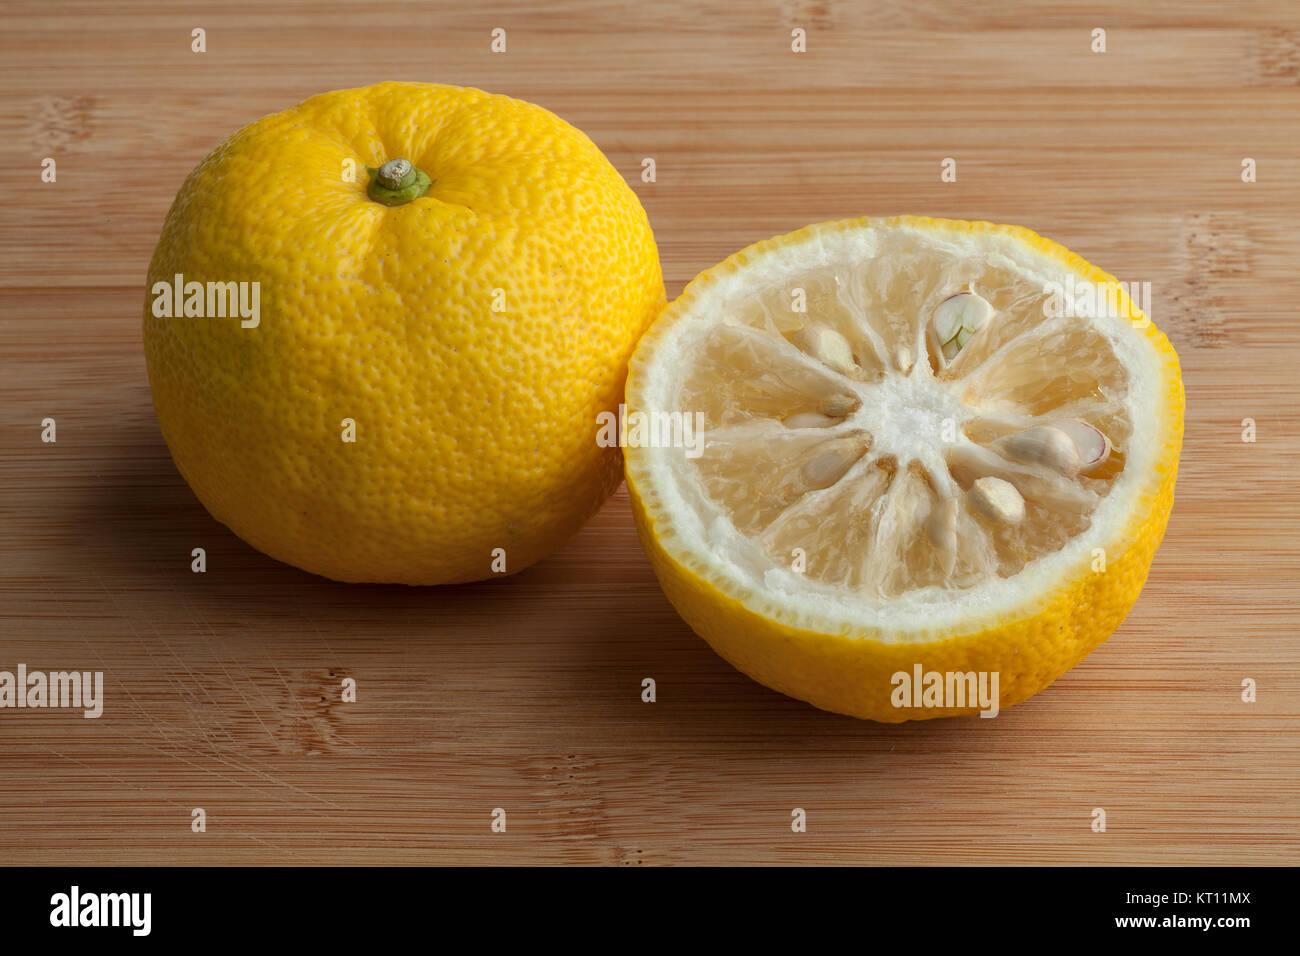 Fresh yellow whole and half Japanese Yuzu fruit - Stock Image